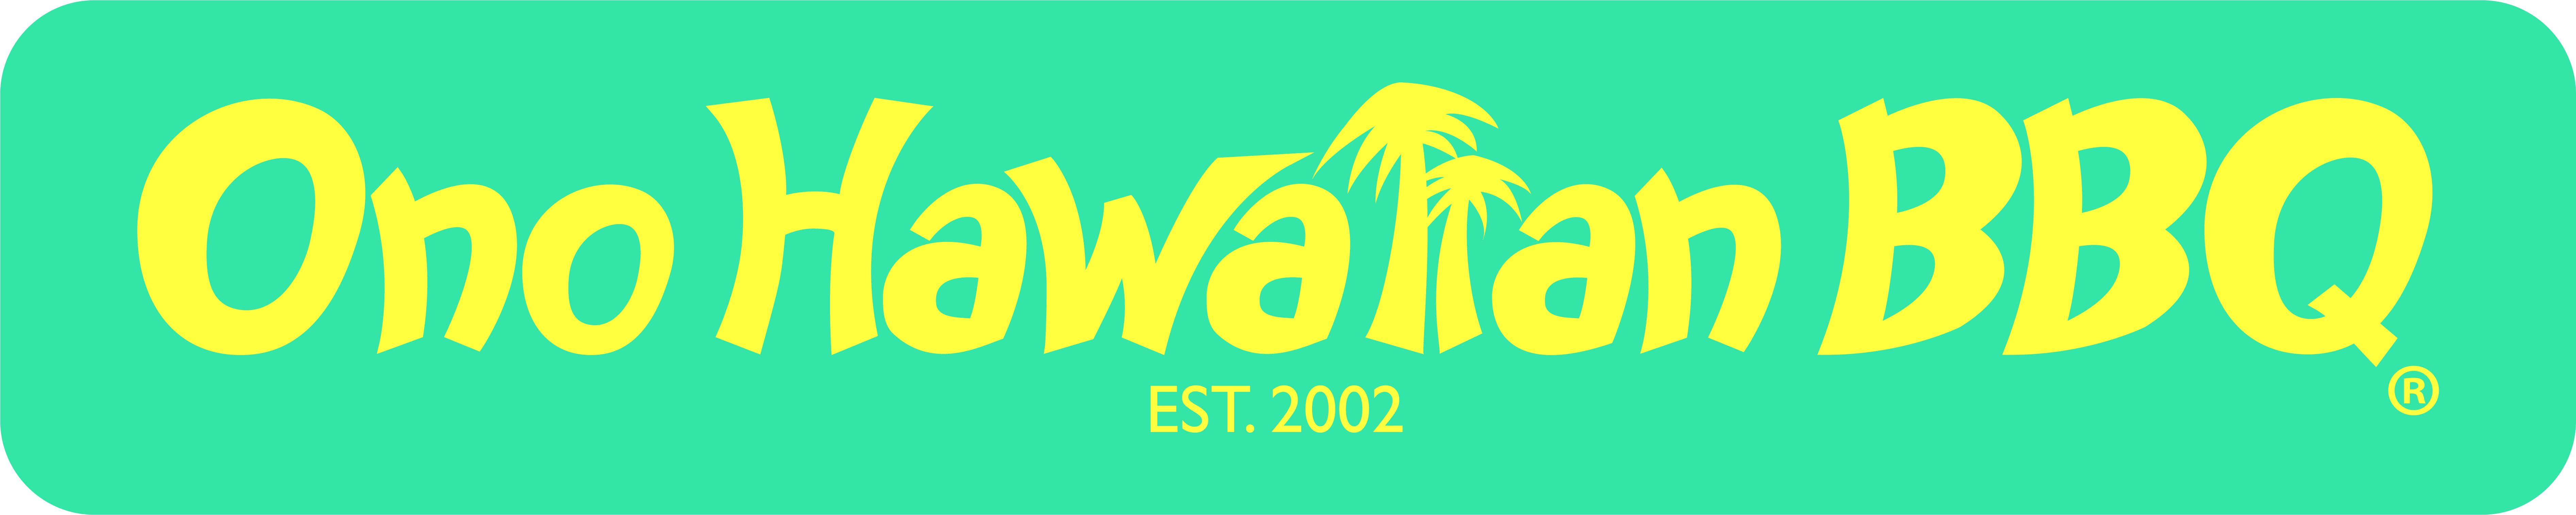 Ono Hawaiian BBQ Logo - hires